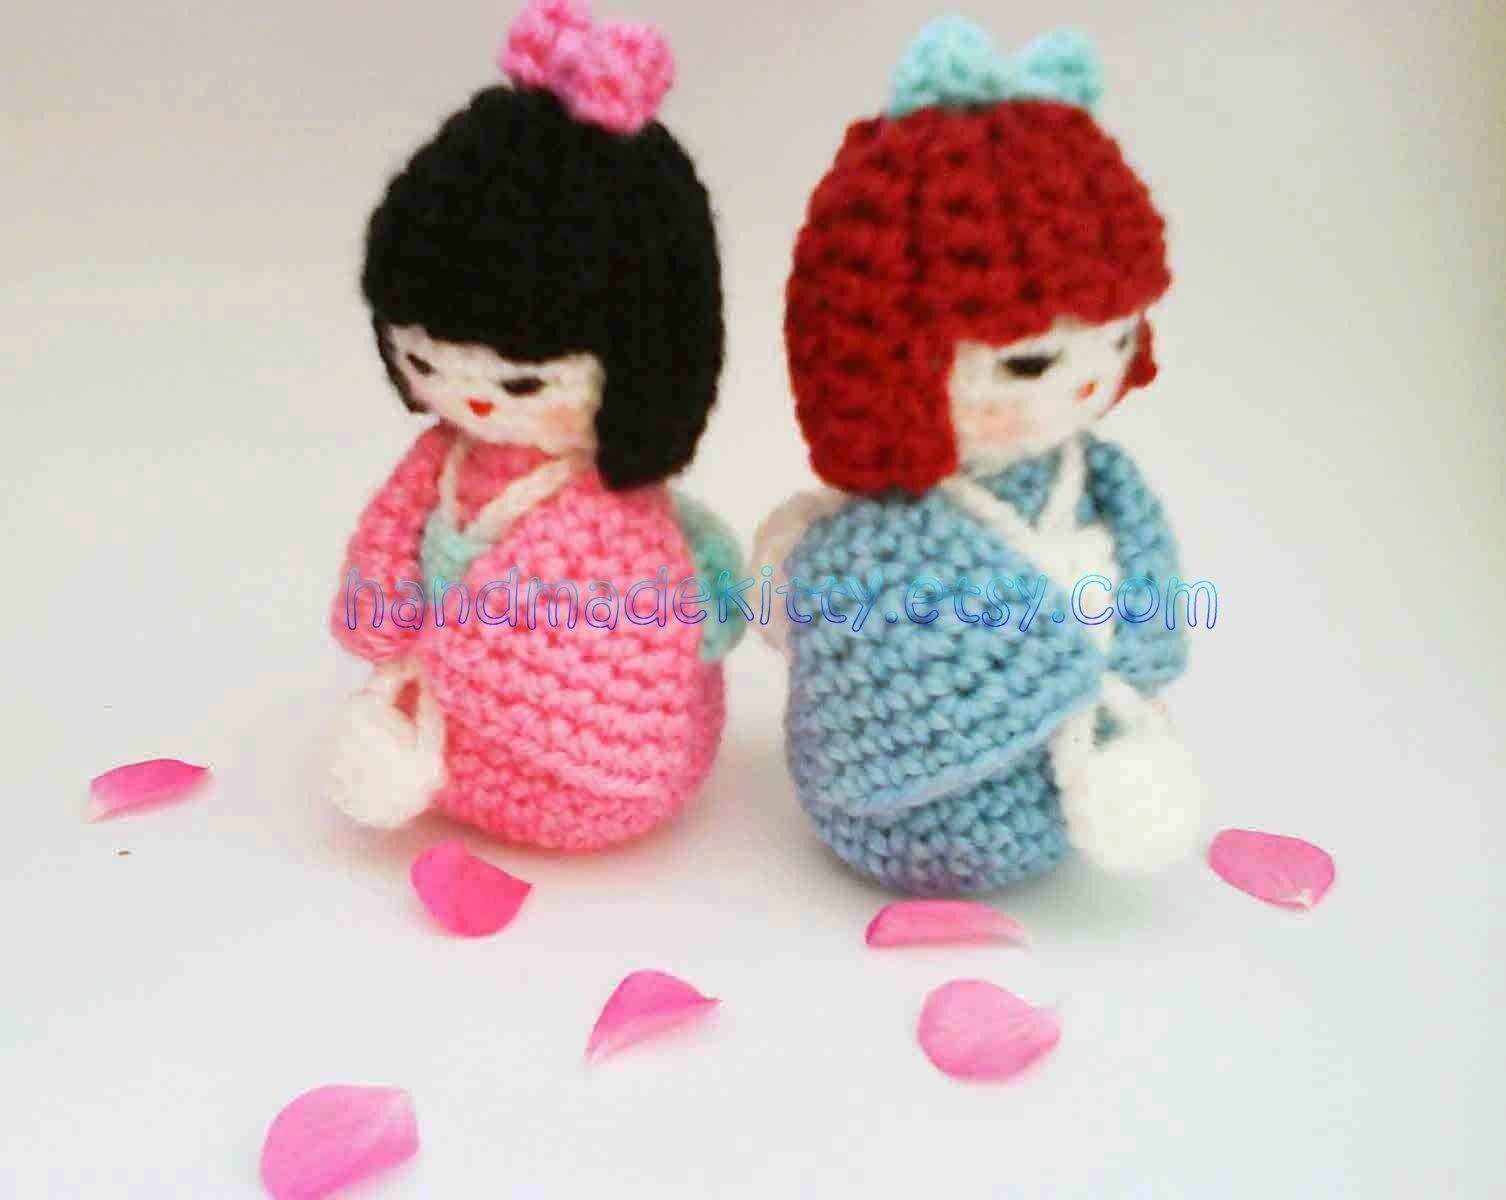 Amigurumi Dolls Free Patterns : Free crochet doll pattern crochet dolls amigurumi